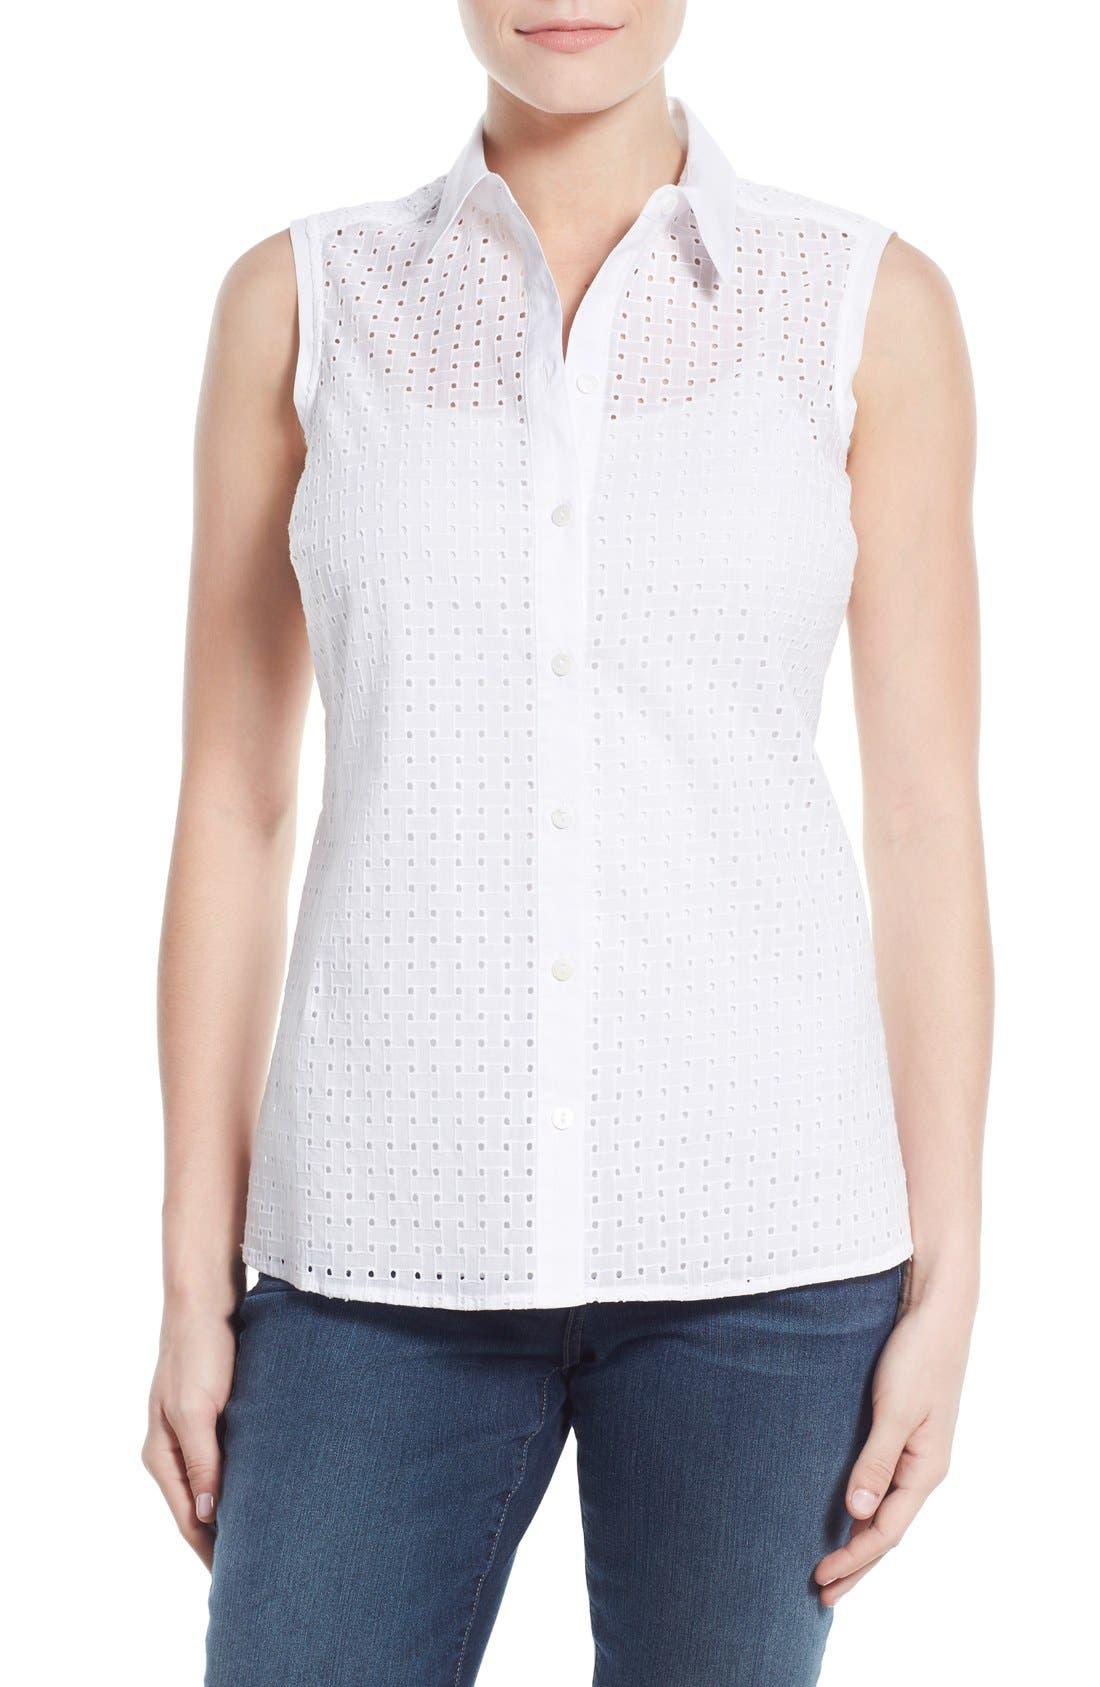 Alternate Image 1 Selected - Foxcroft Basket Weave Eyelet Sleeveless Shirt